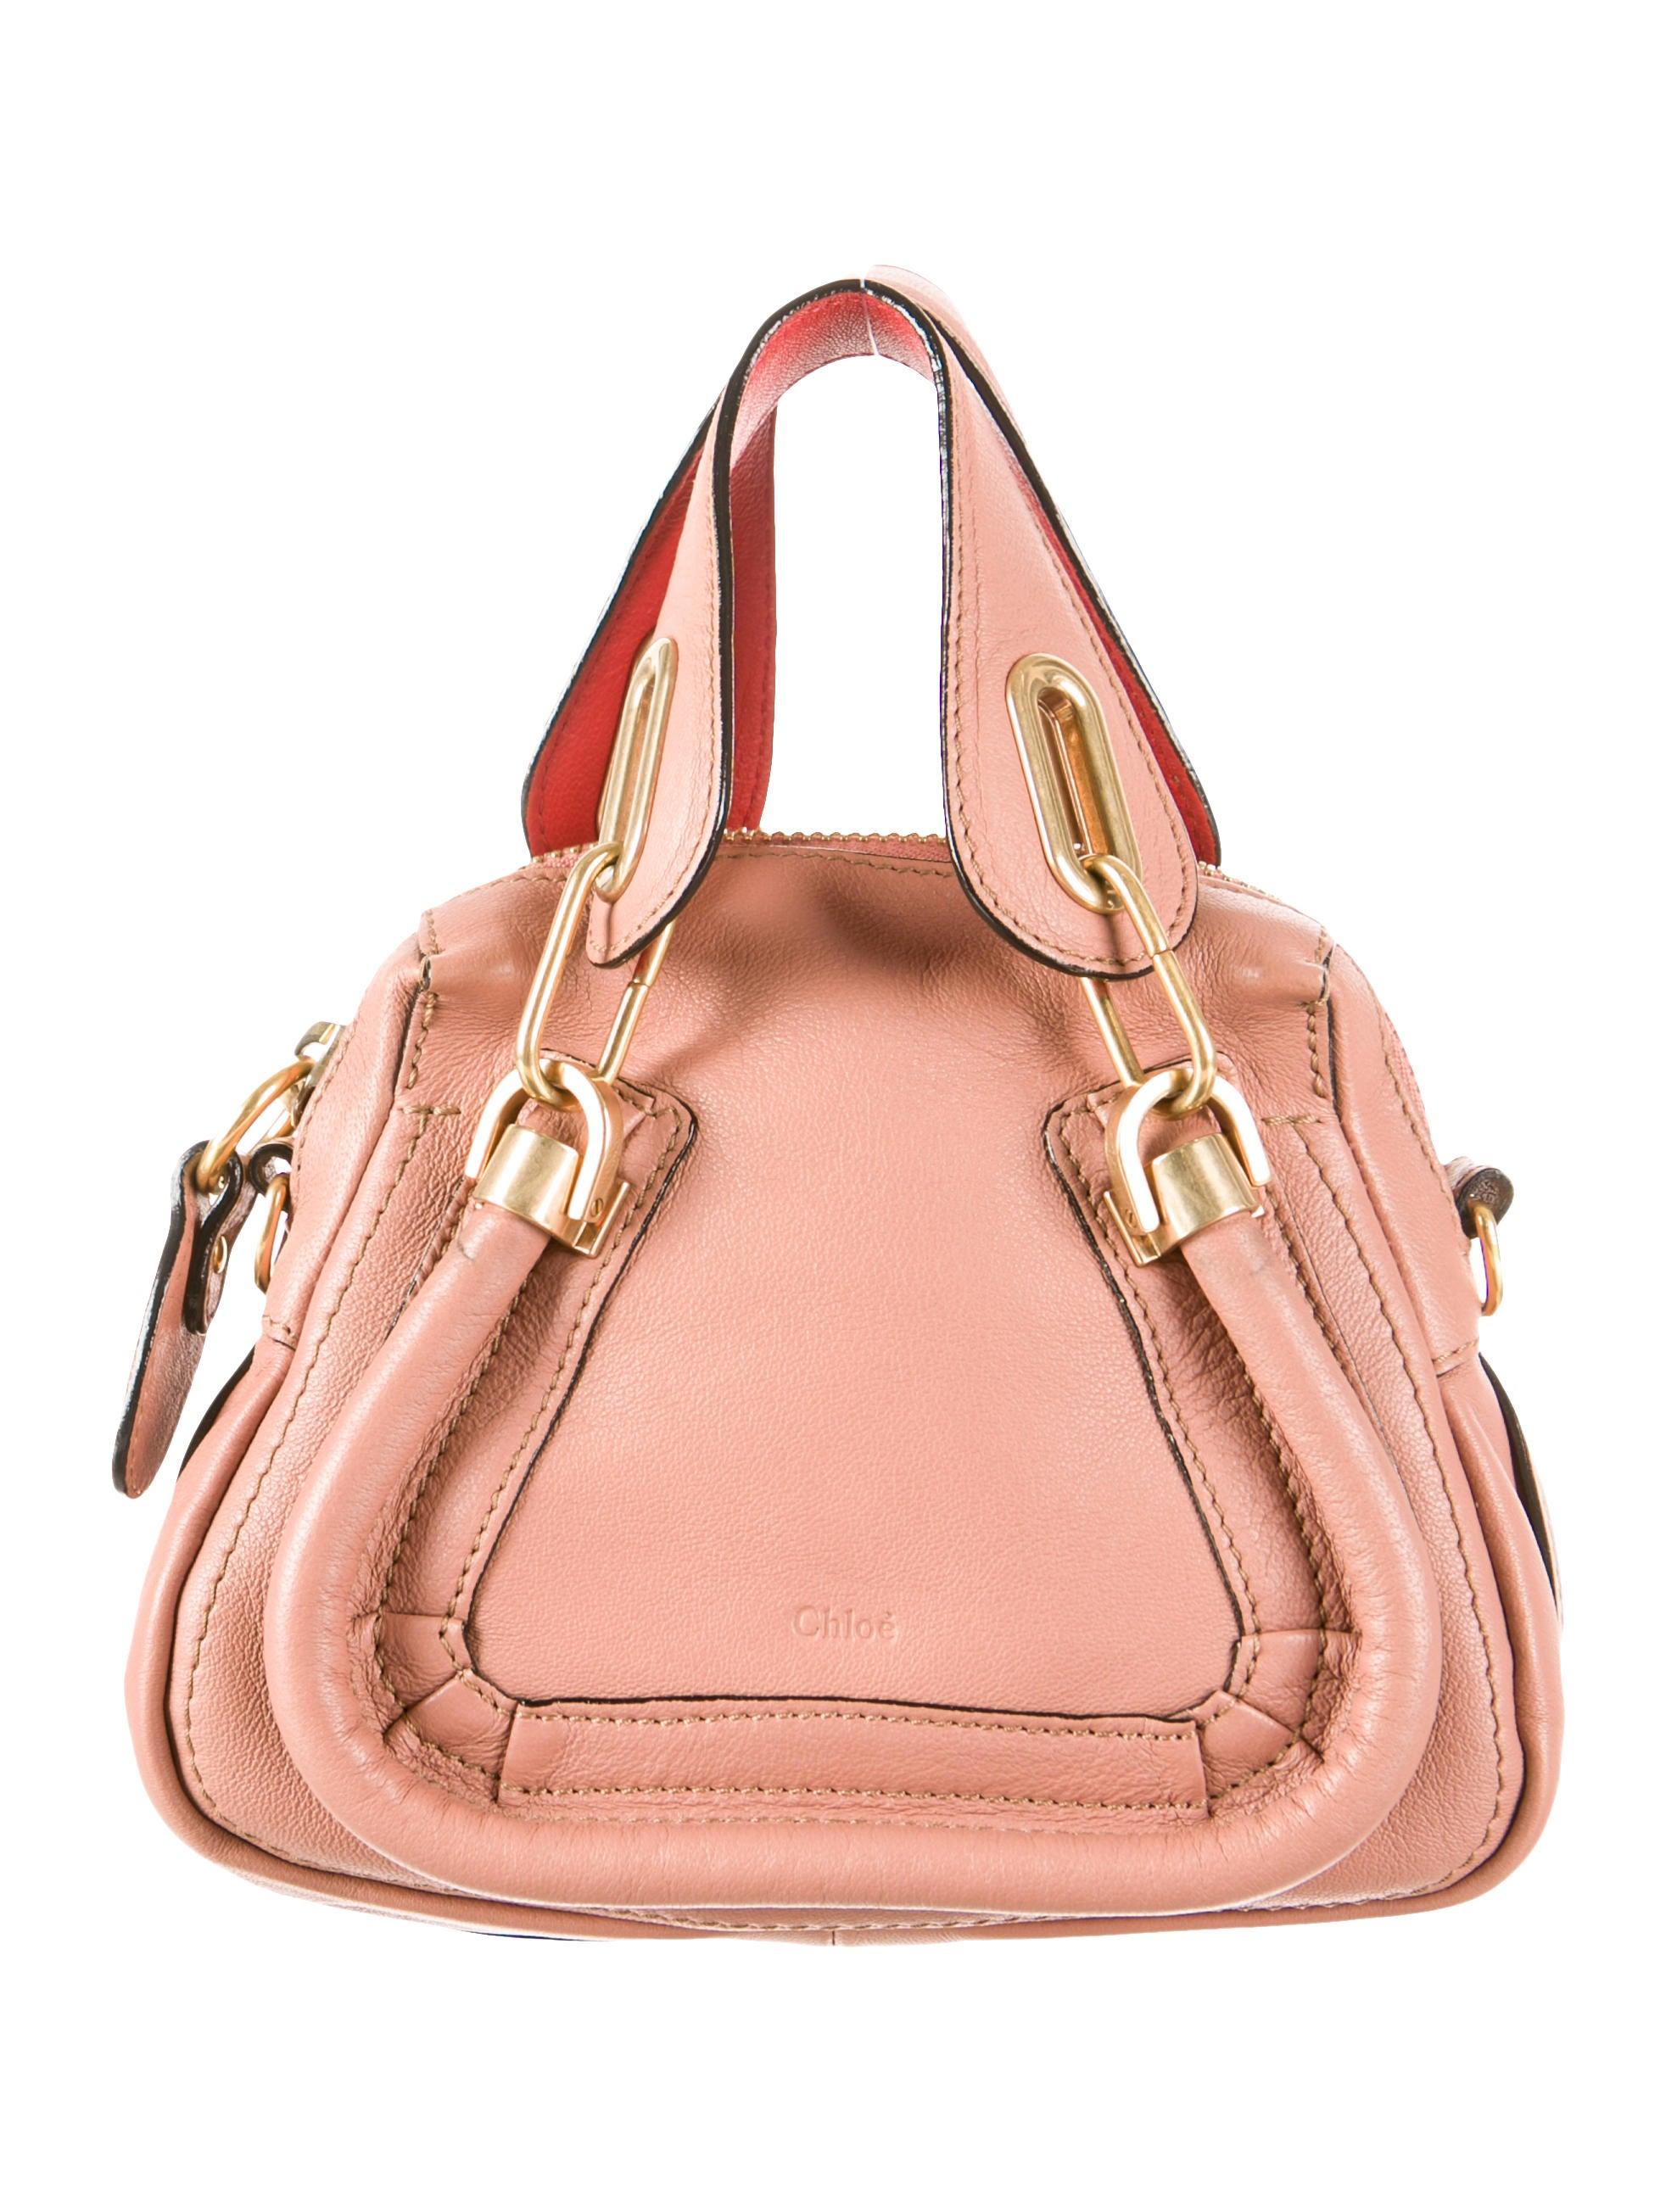 Chlo¨¦ Mini Paraty Bag - Handbags - CHL31556 | The RealReal